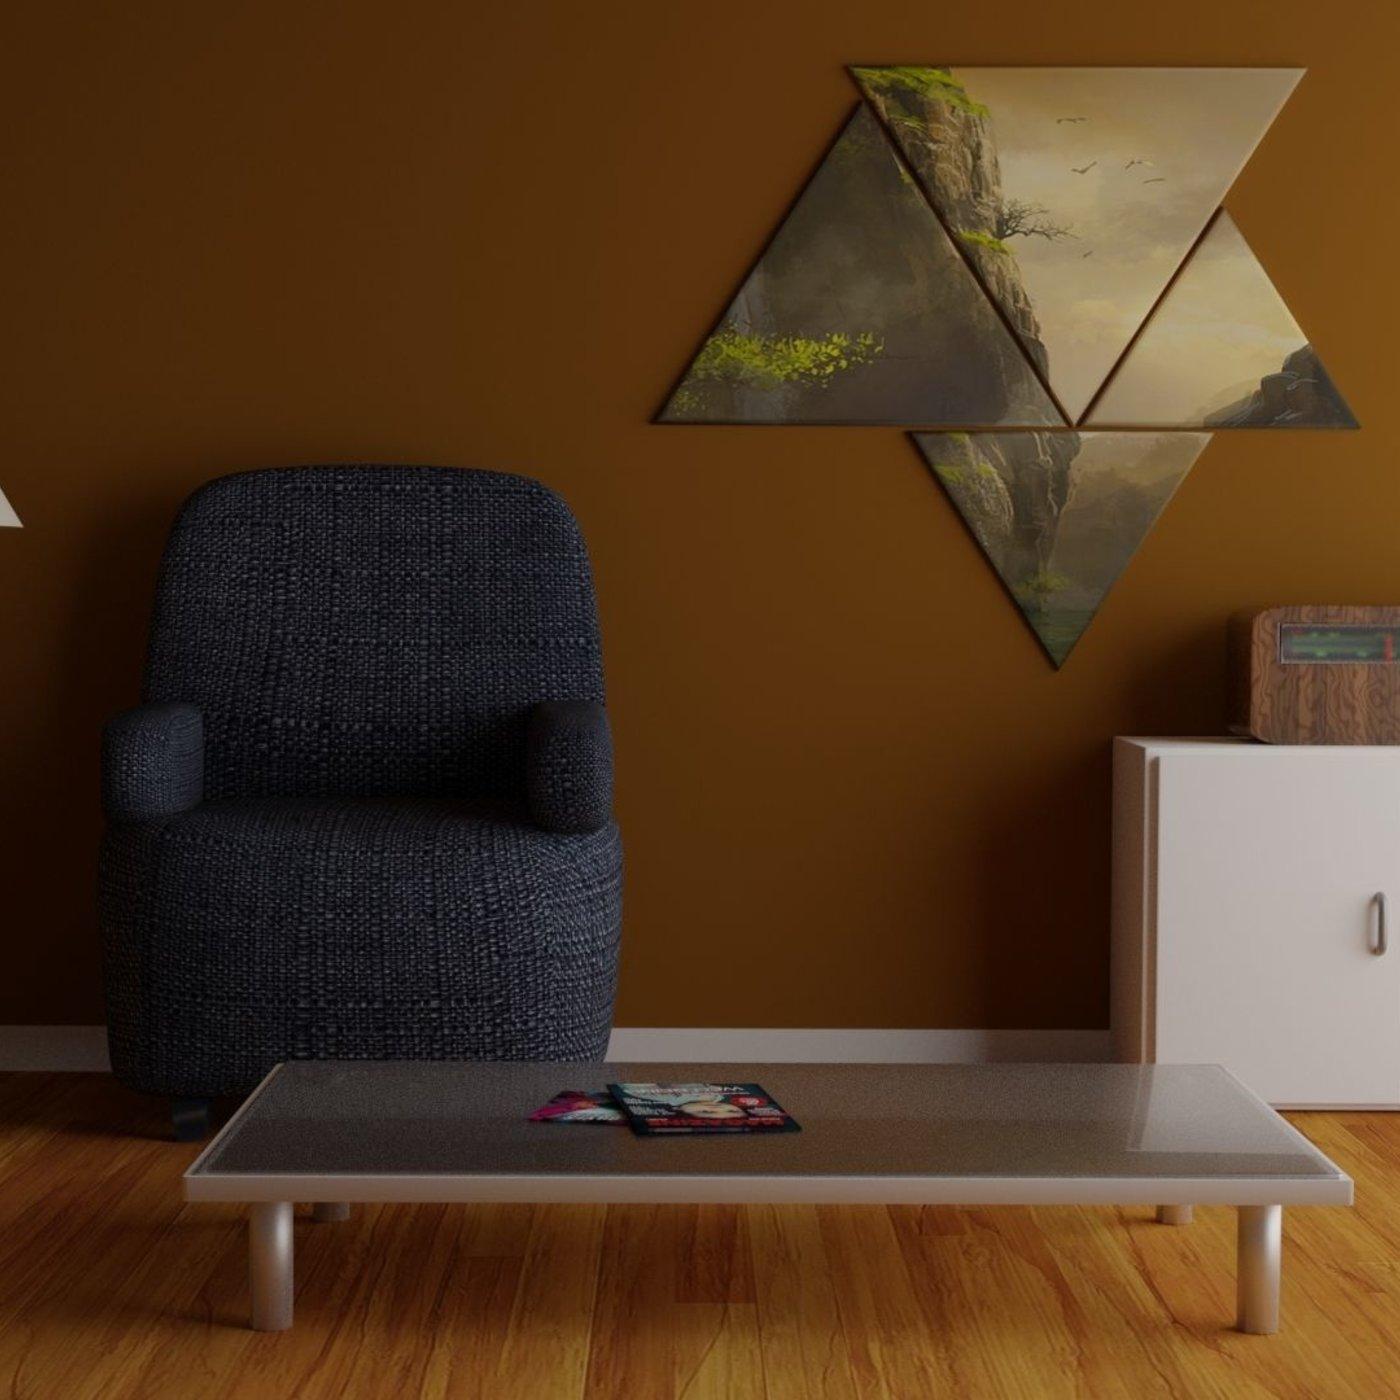 Minimalistic Interior Design